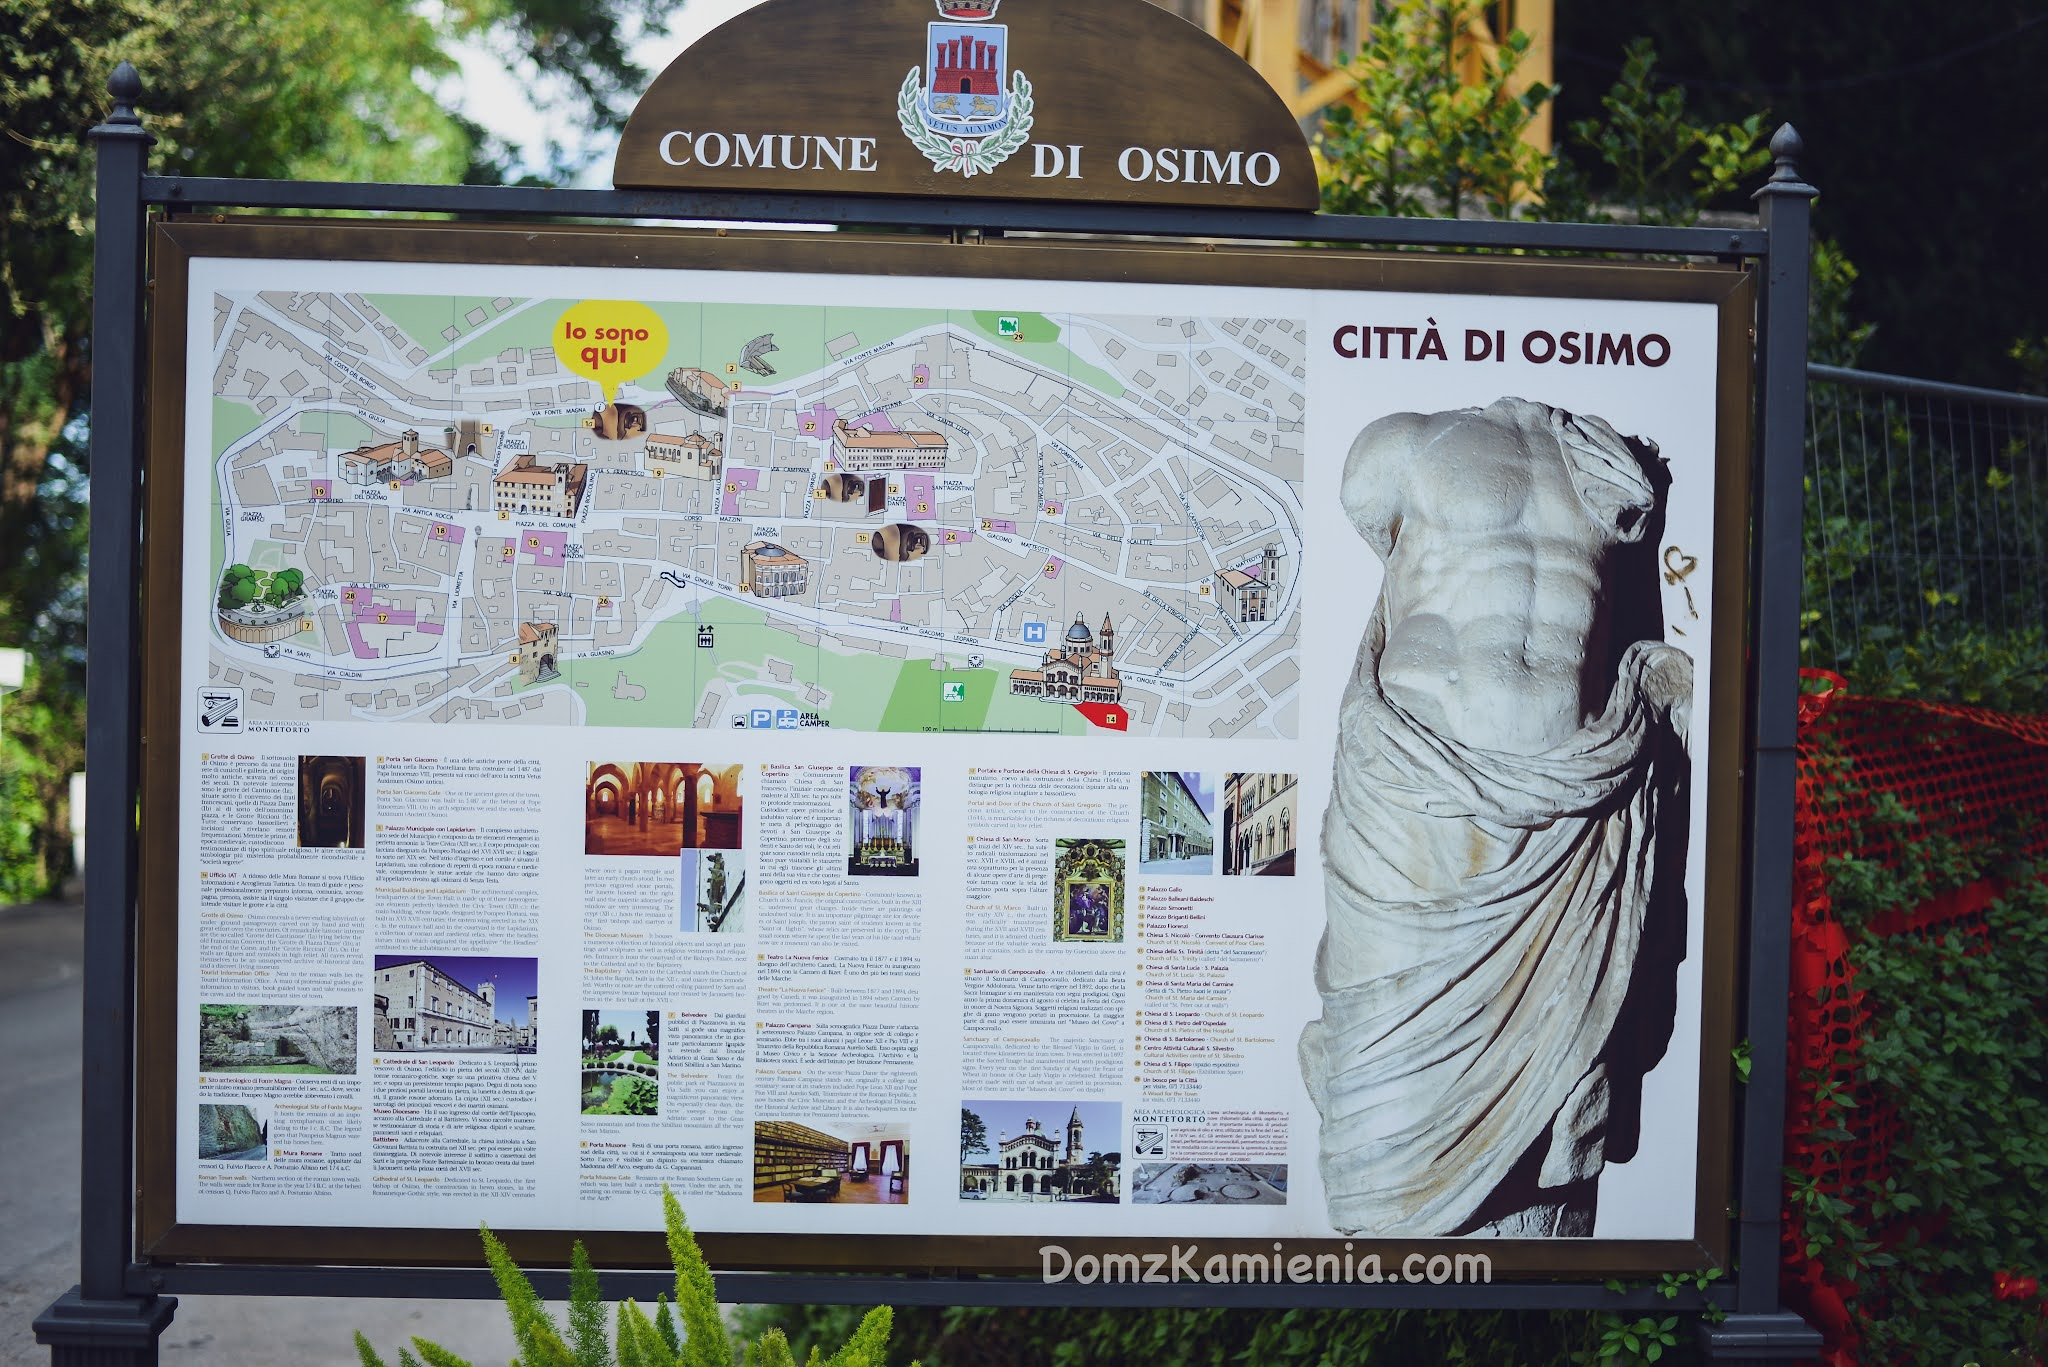 Marche region Włoch nieznany. Dom z Kamienia blog